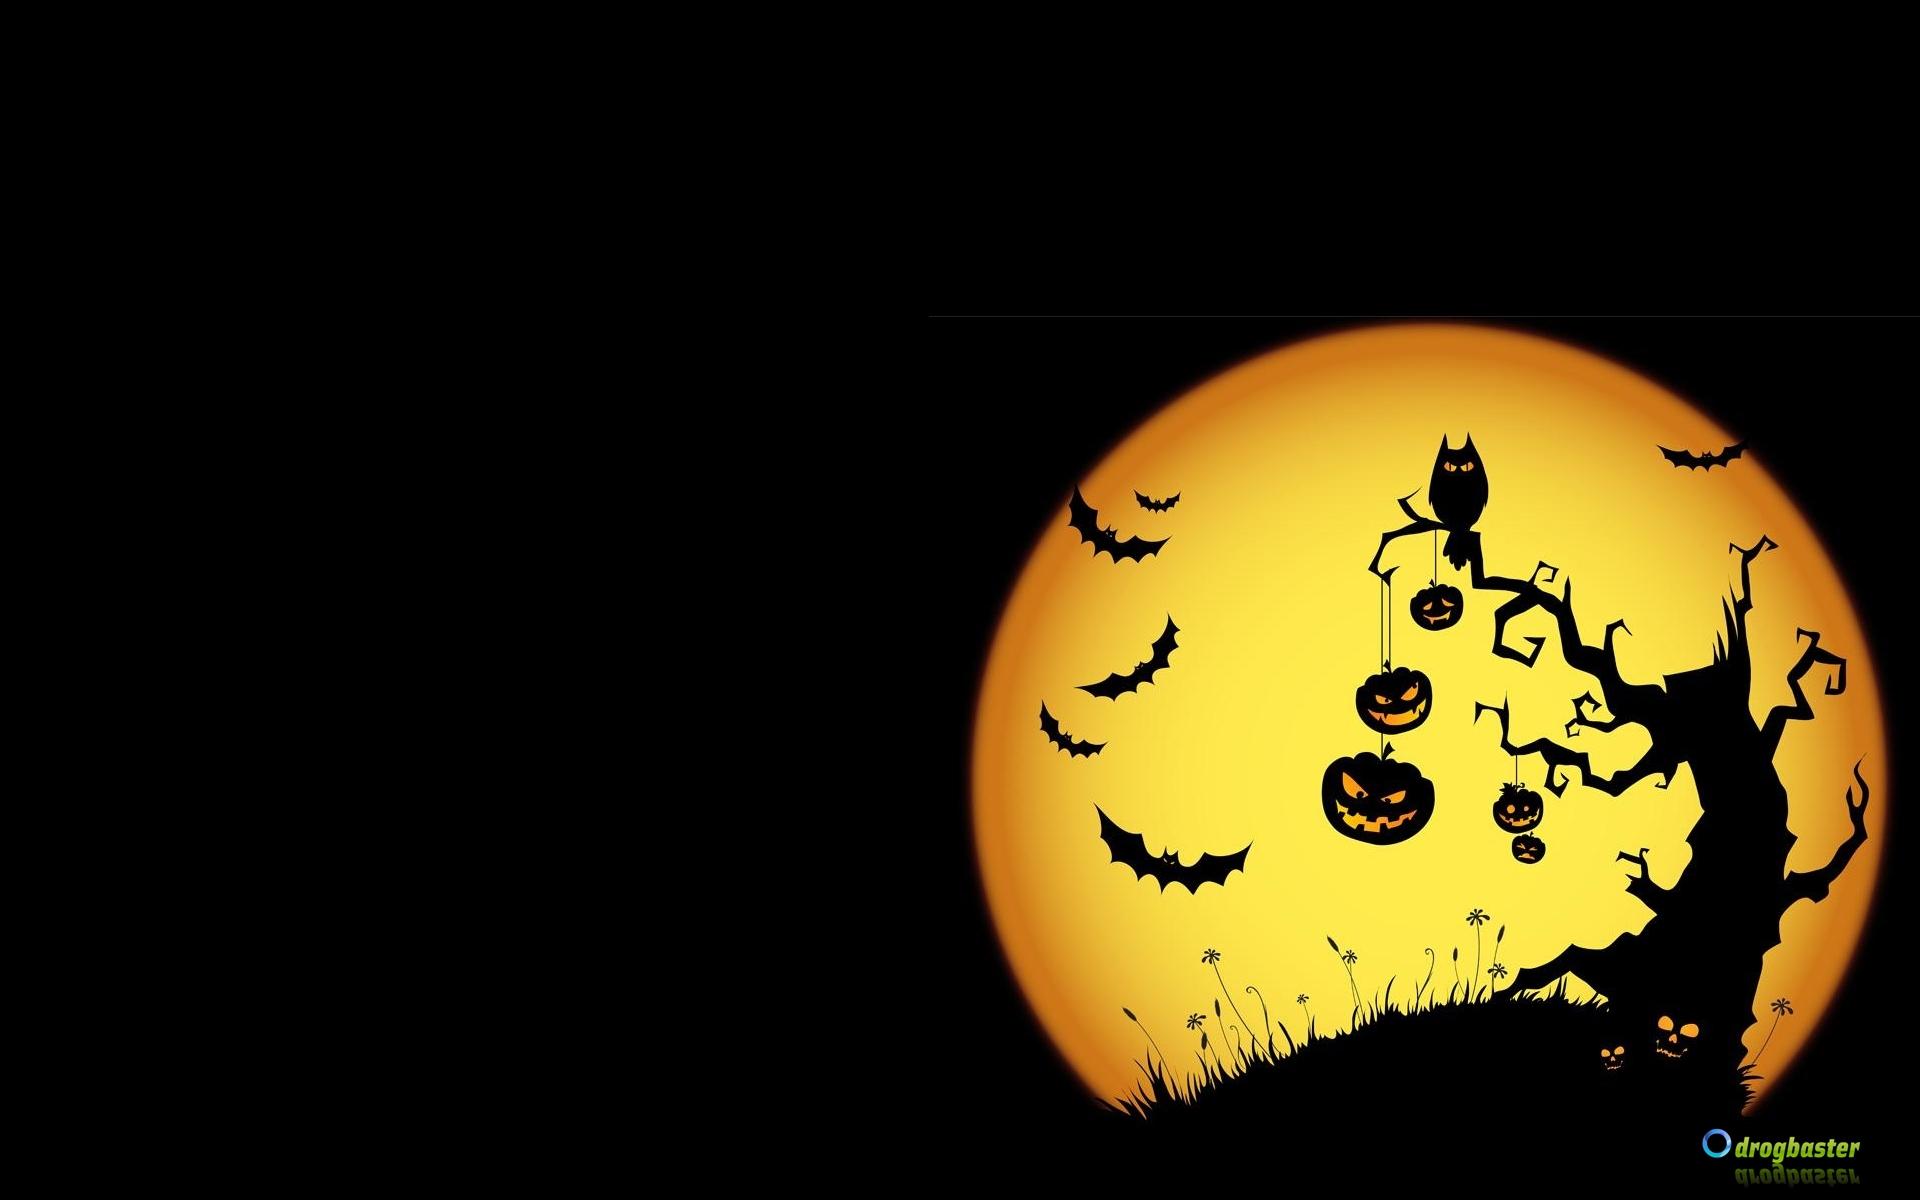 La musica popolare ad Halloween